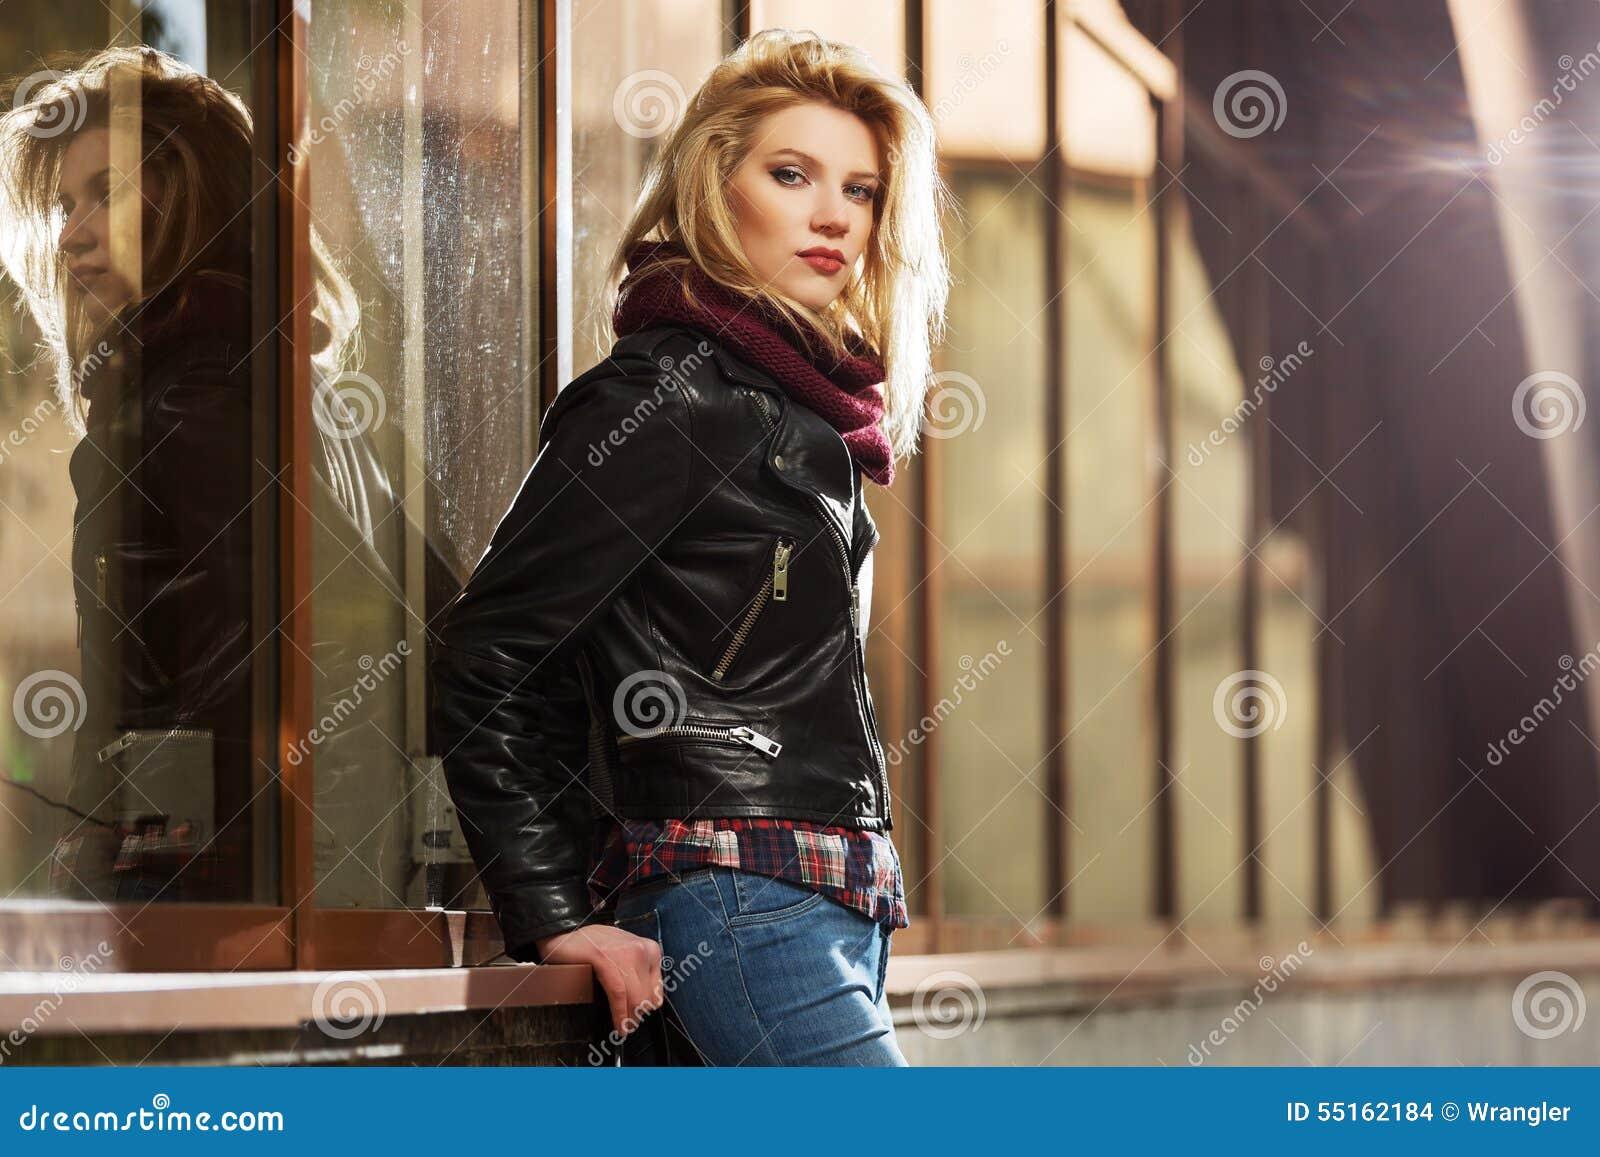 Los jóvenes forman a la mujer rubia en la chaqueta de cuero en la ventana de la alameda